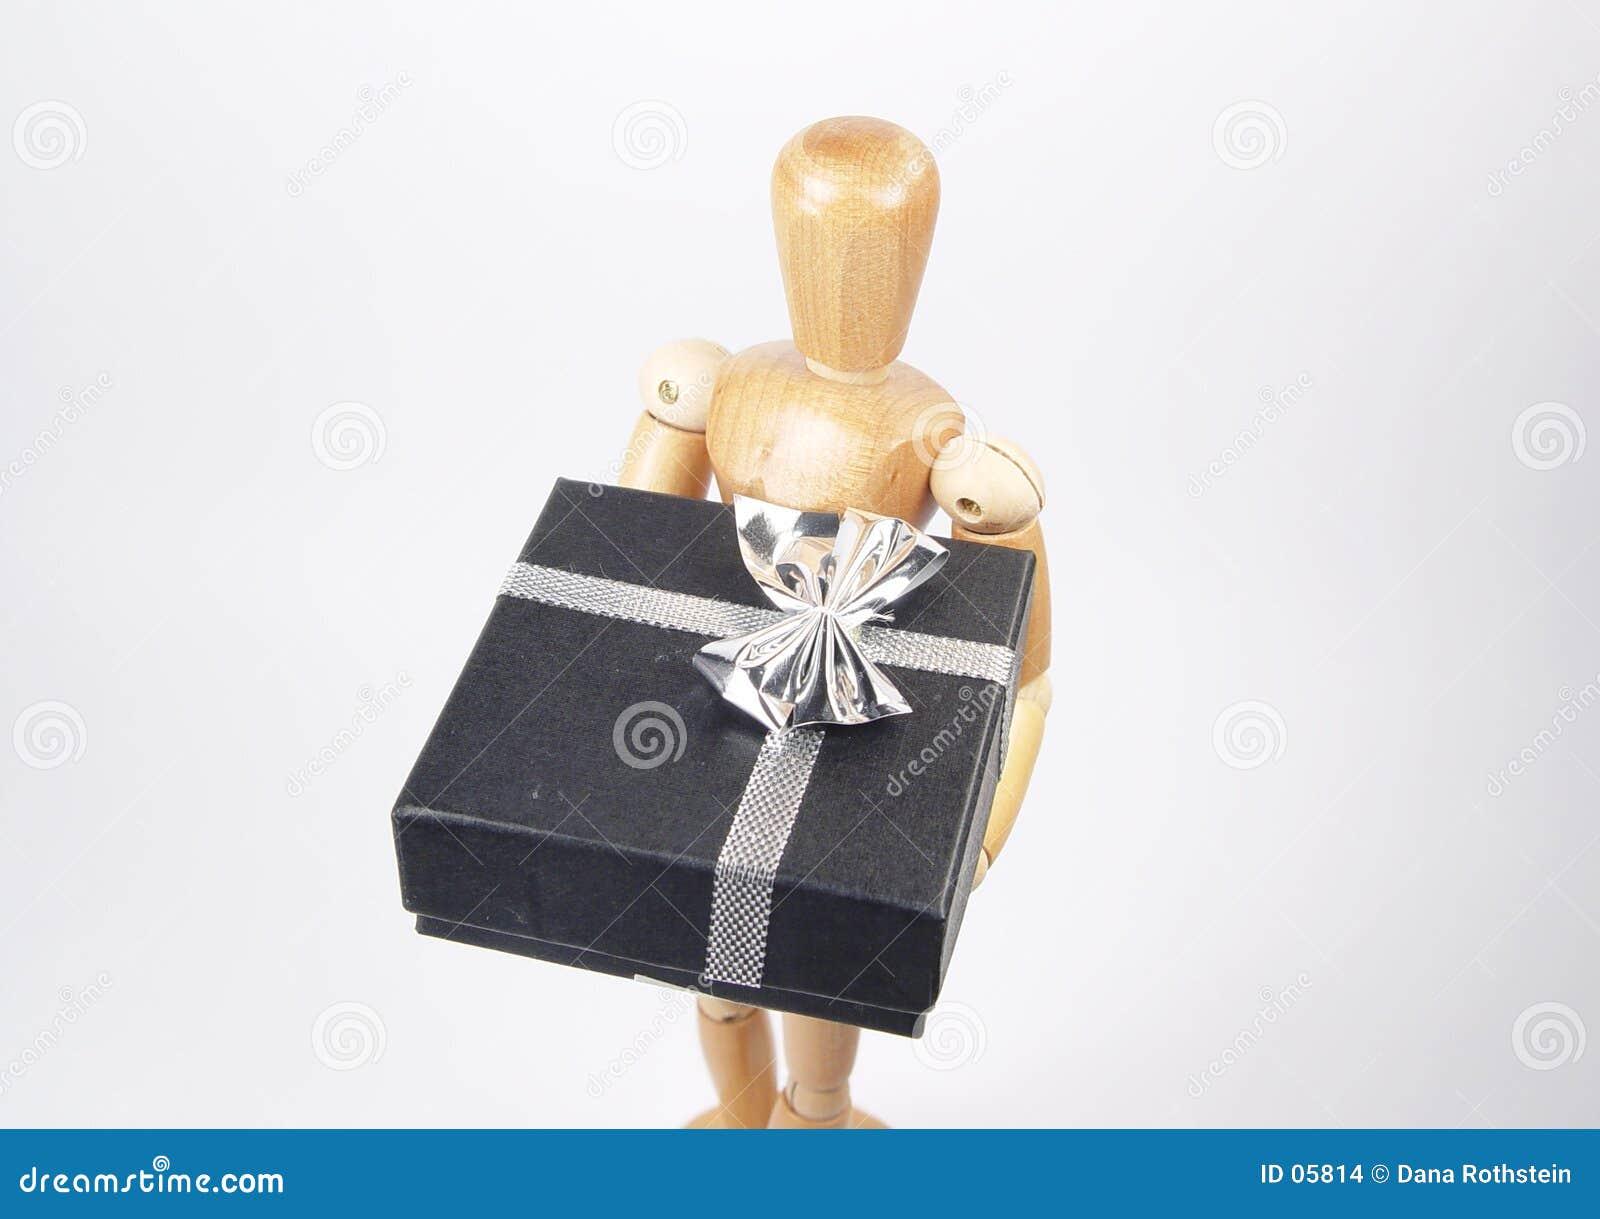 Kunst-Mannequin-Holding-Geschenk